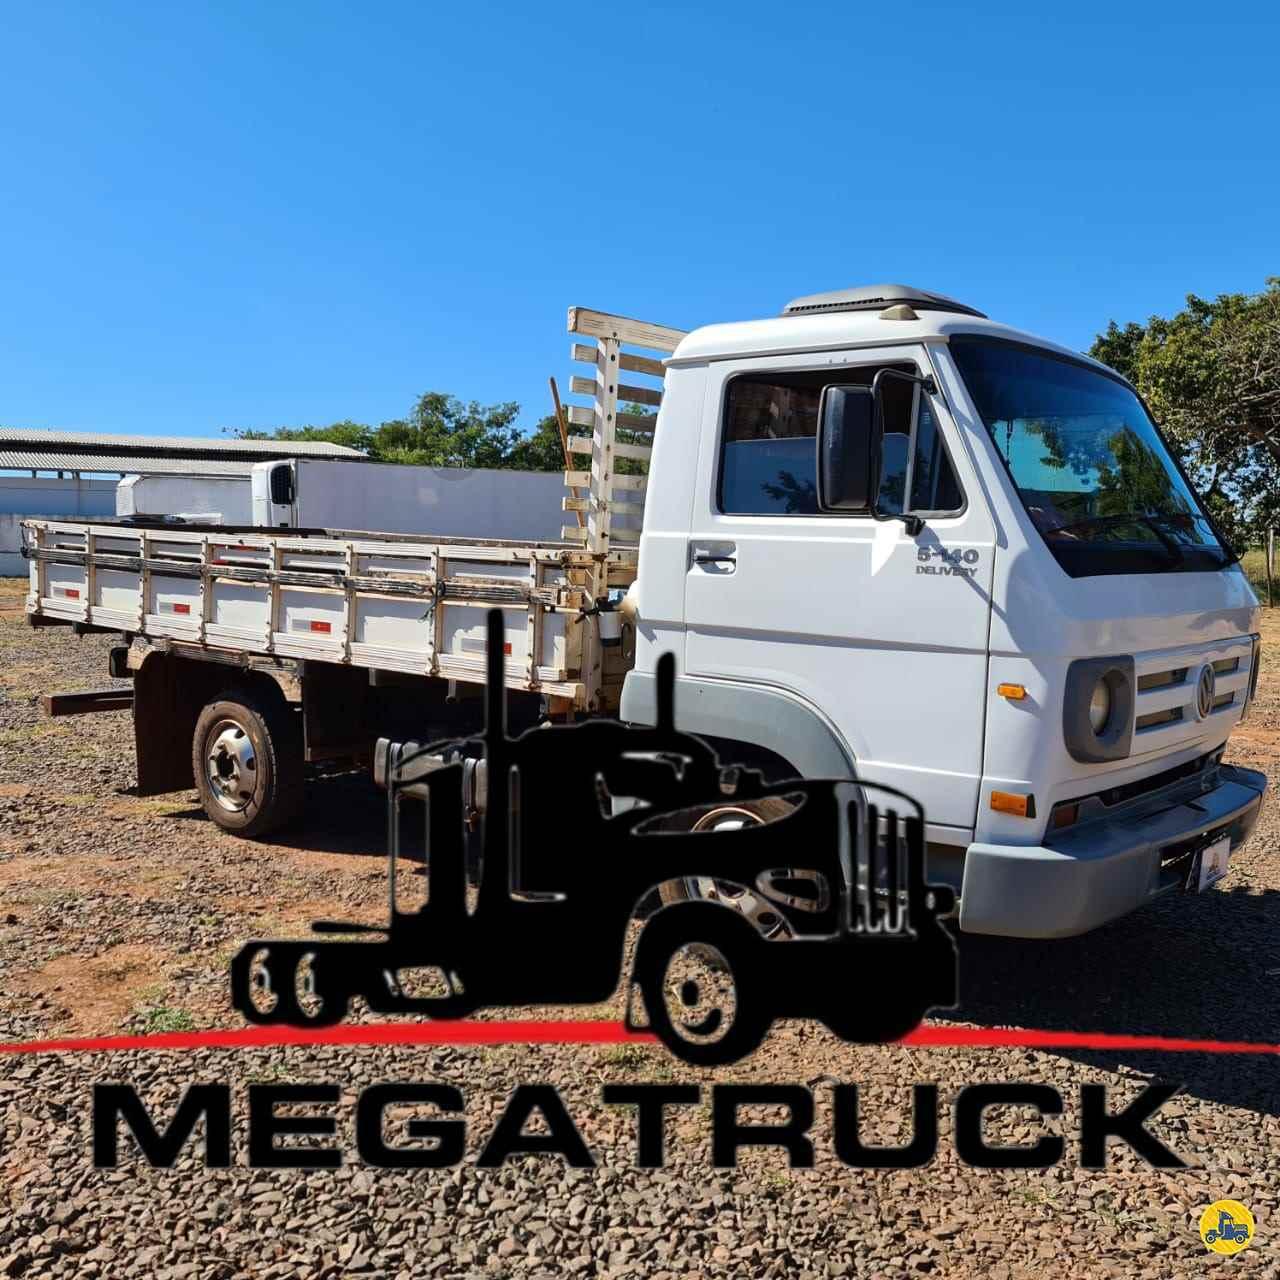 CAMINHAO VOLKSWAGEN VW 5140 Carga Seca 3/4 4x2 Megatruck Caminhões e Máquinas CAMPO GRANDE MATO GROSSO DO SUL MS